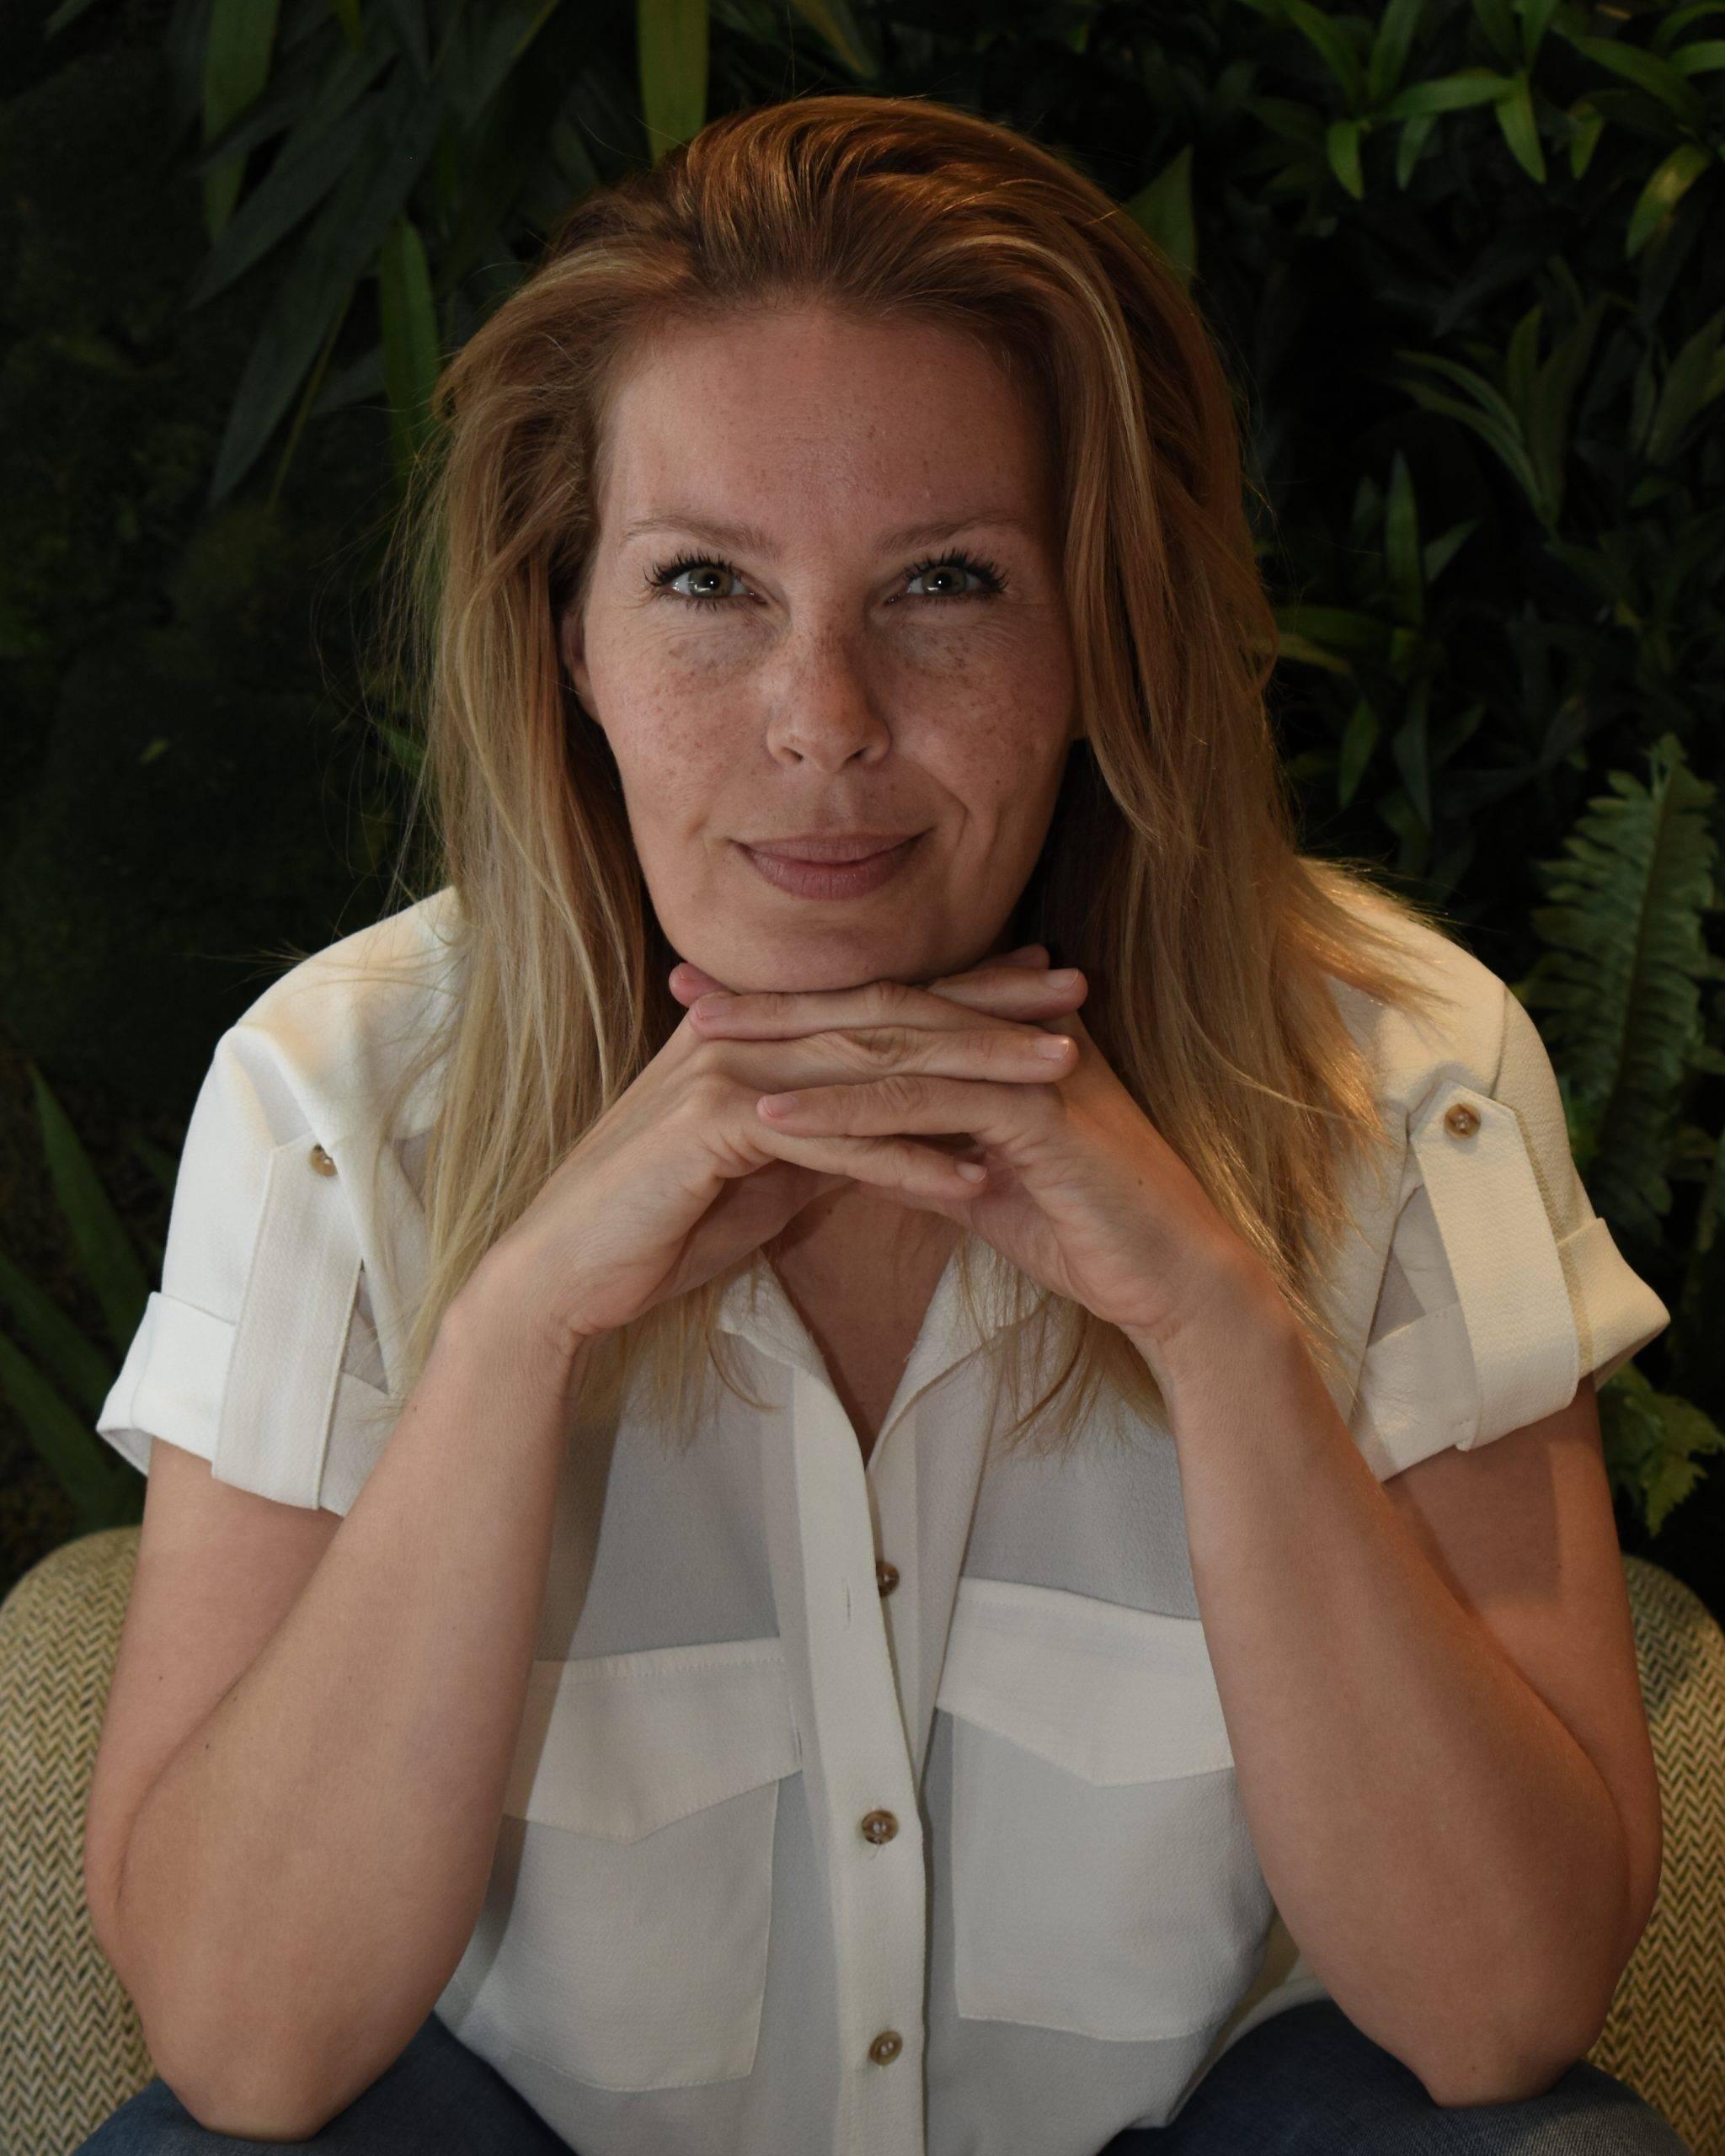 Kristel van Eijk voice over